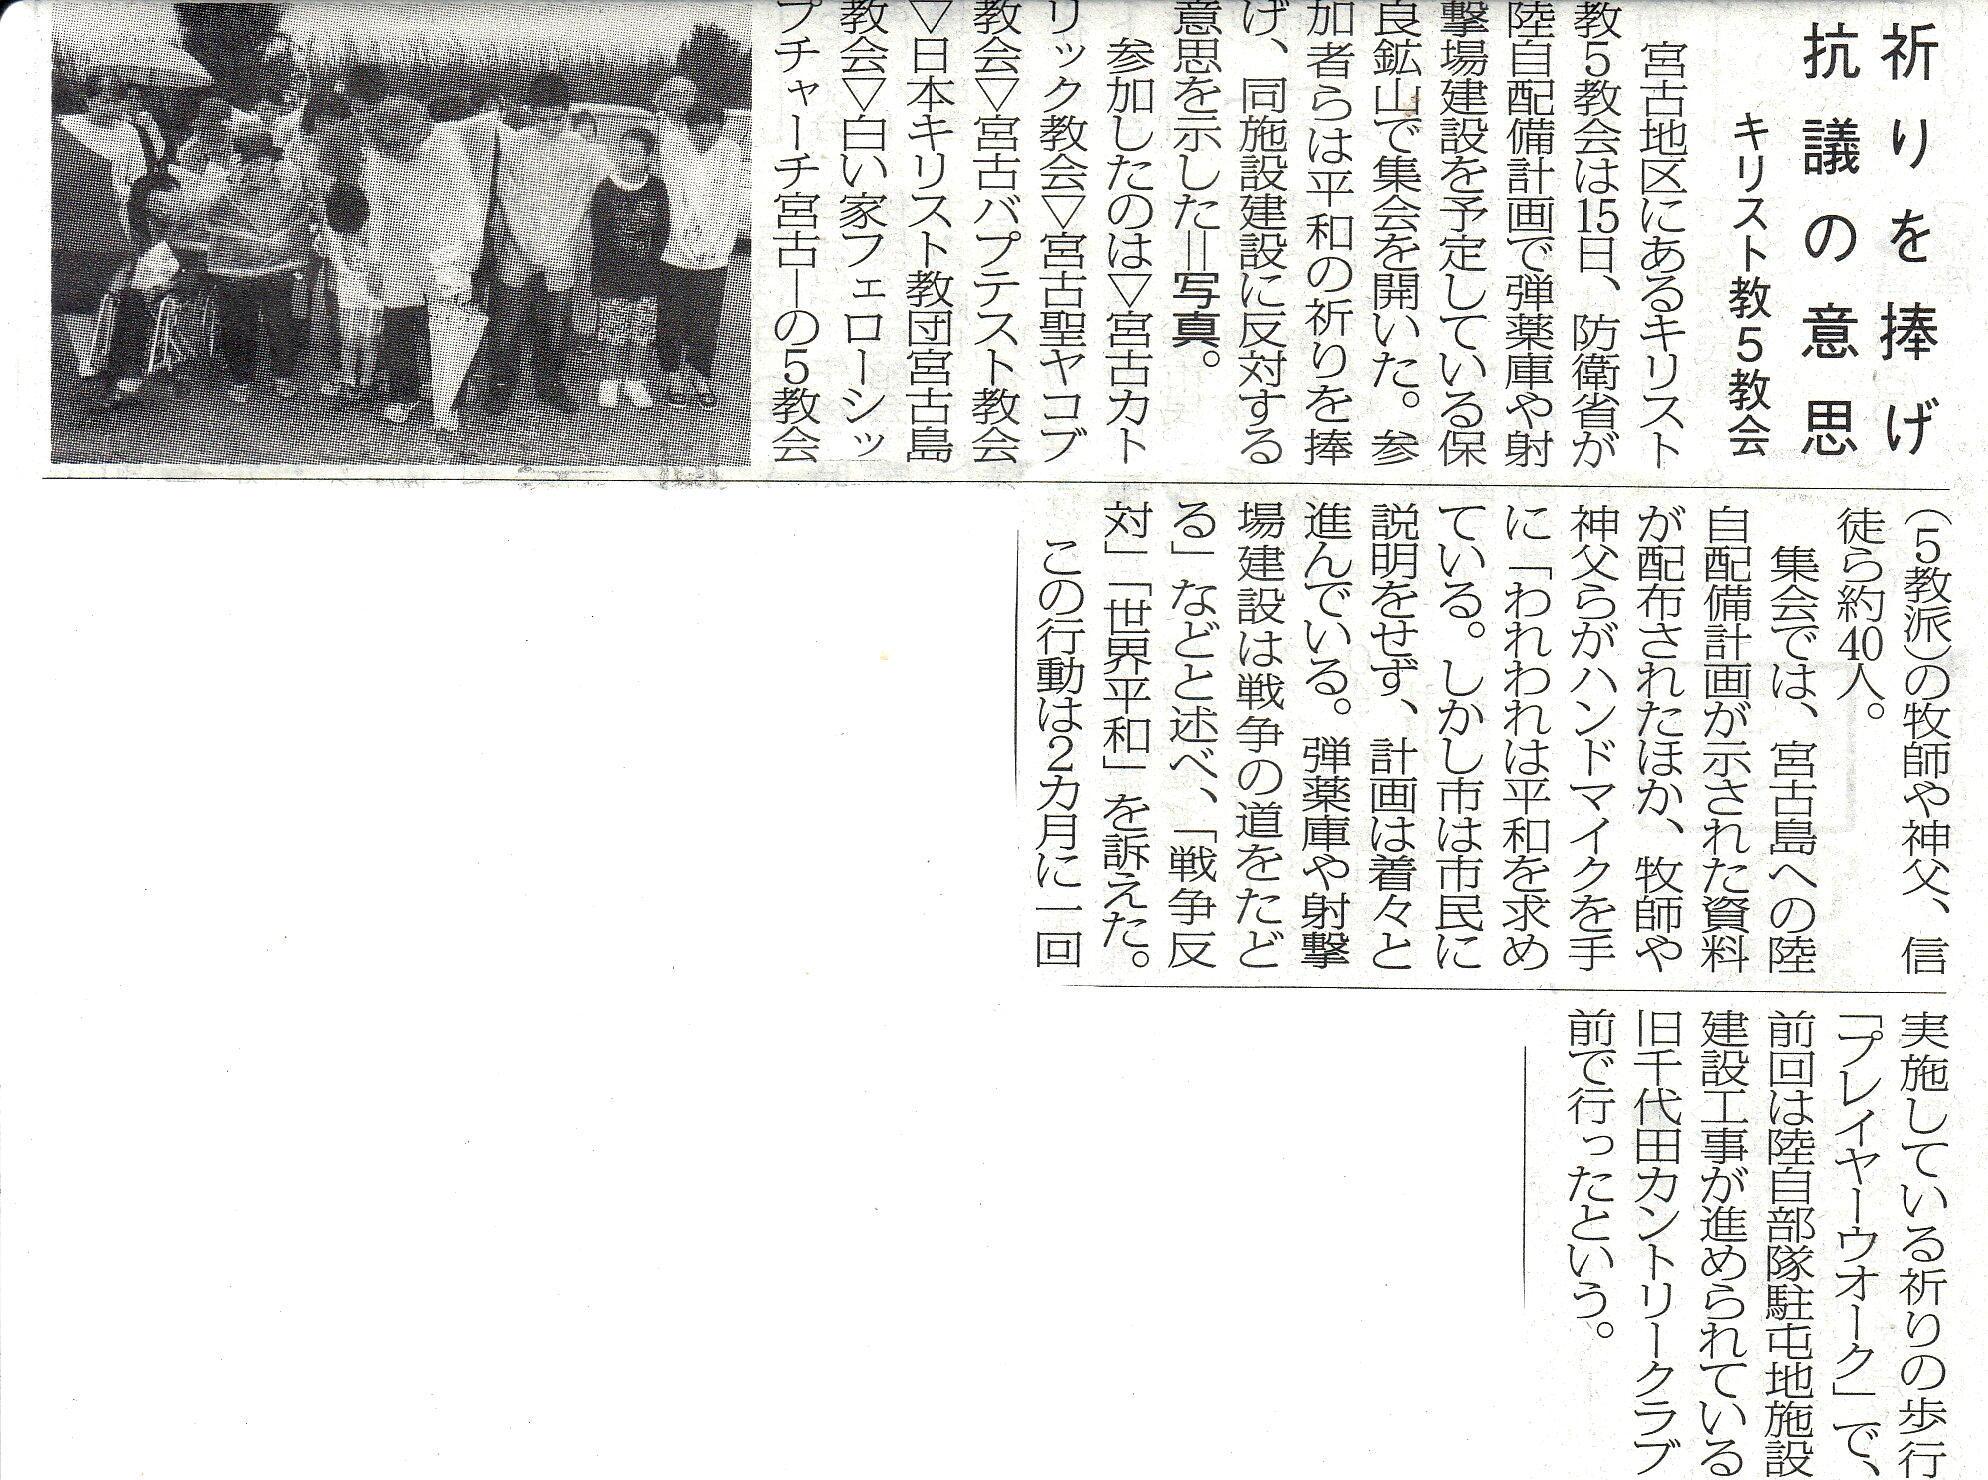 miyakomainichi2018 04181